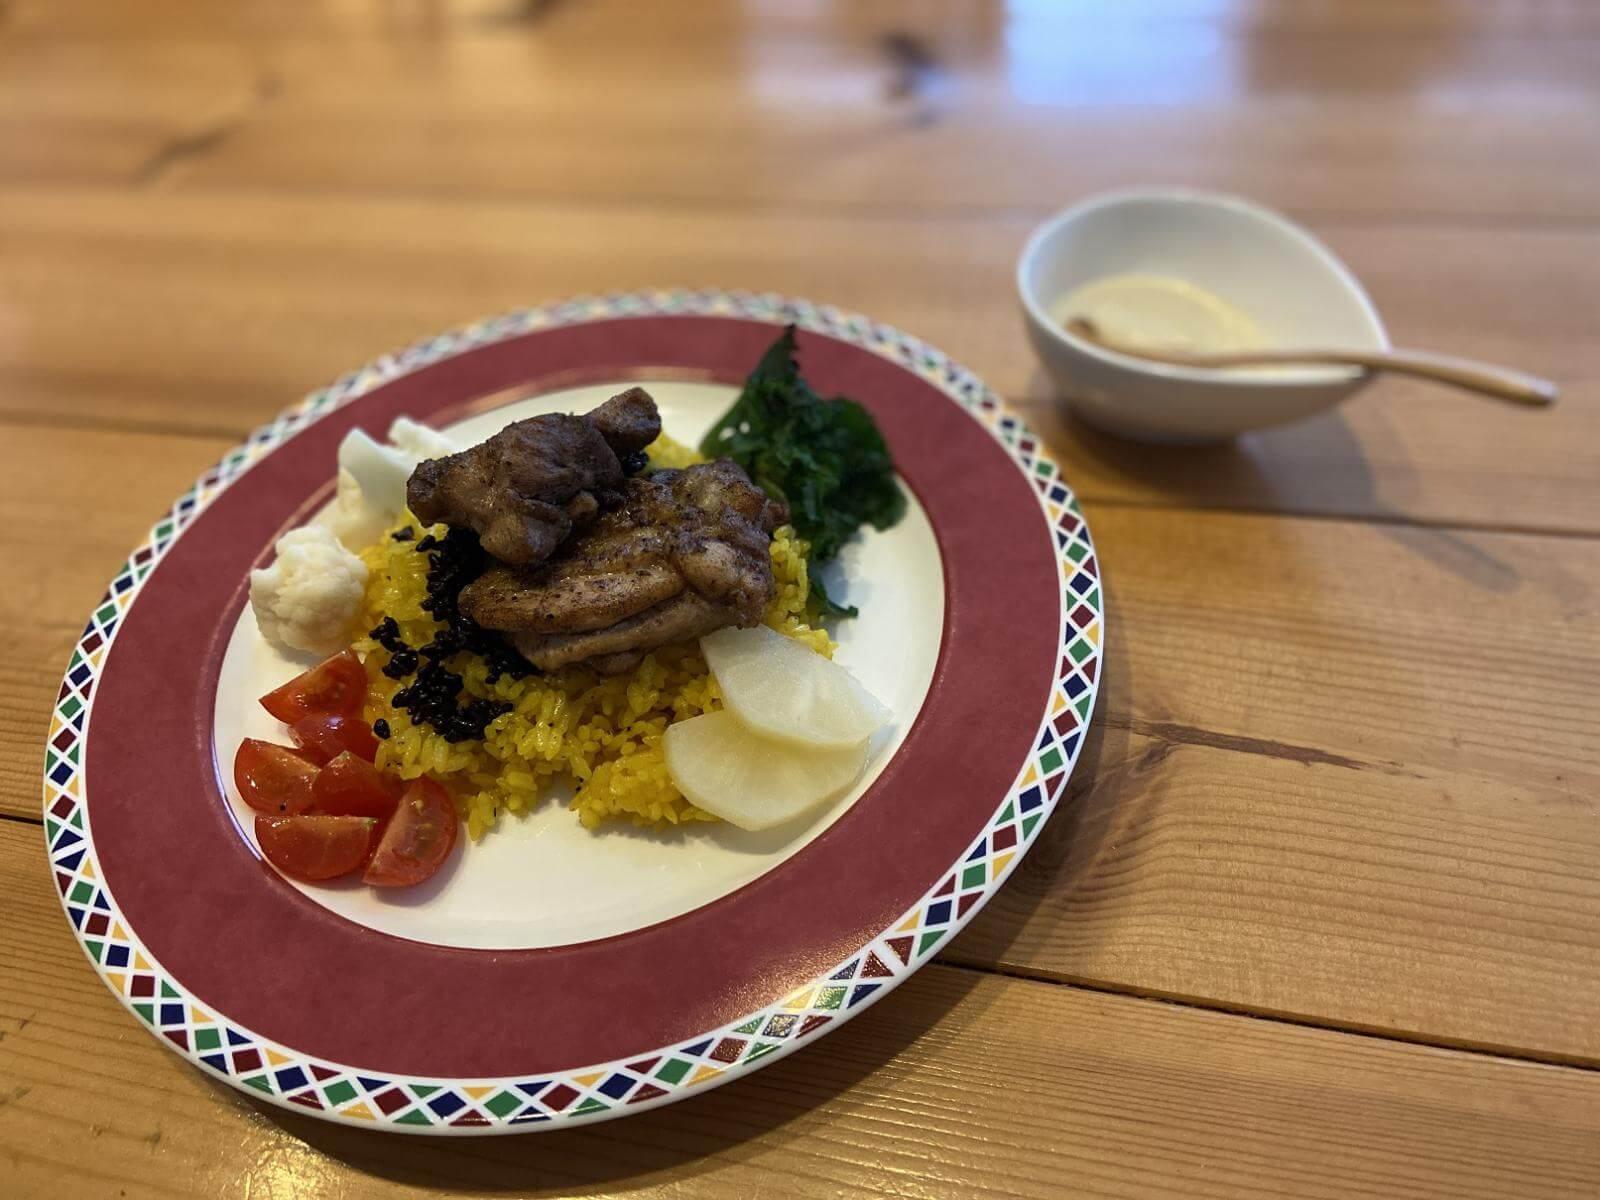 マンサフ(鶏肉とサフランライス)